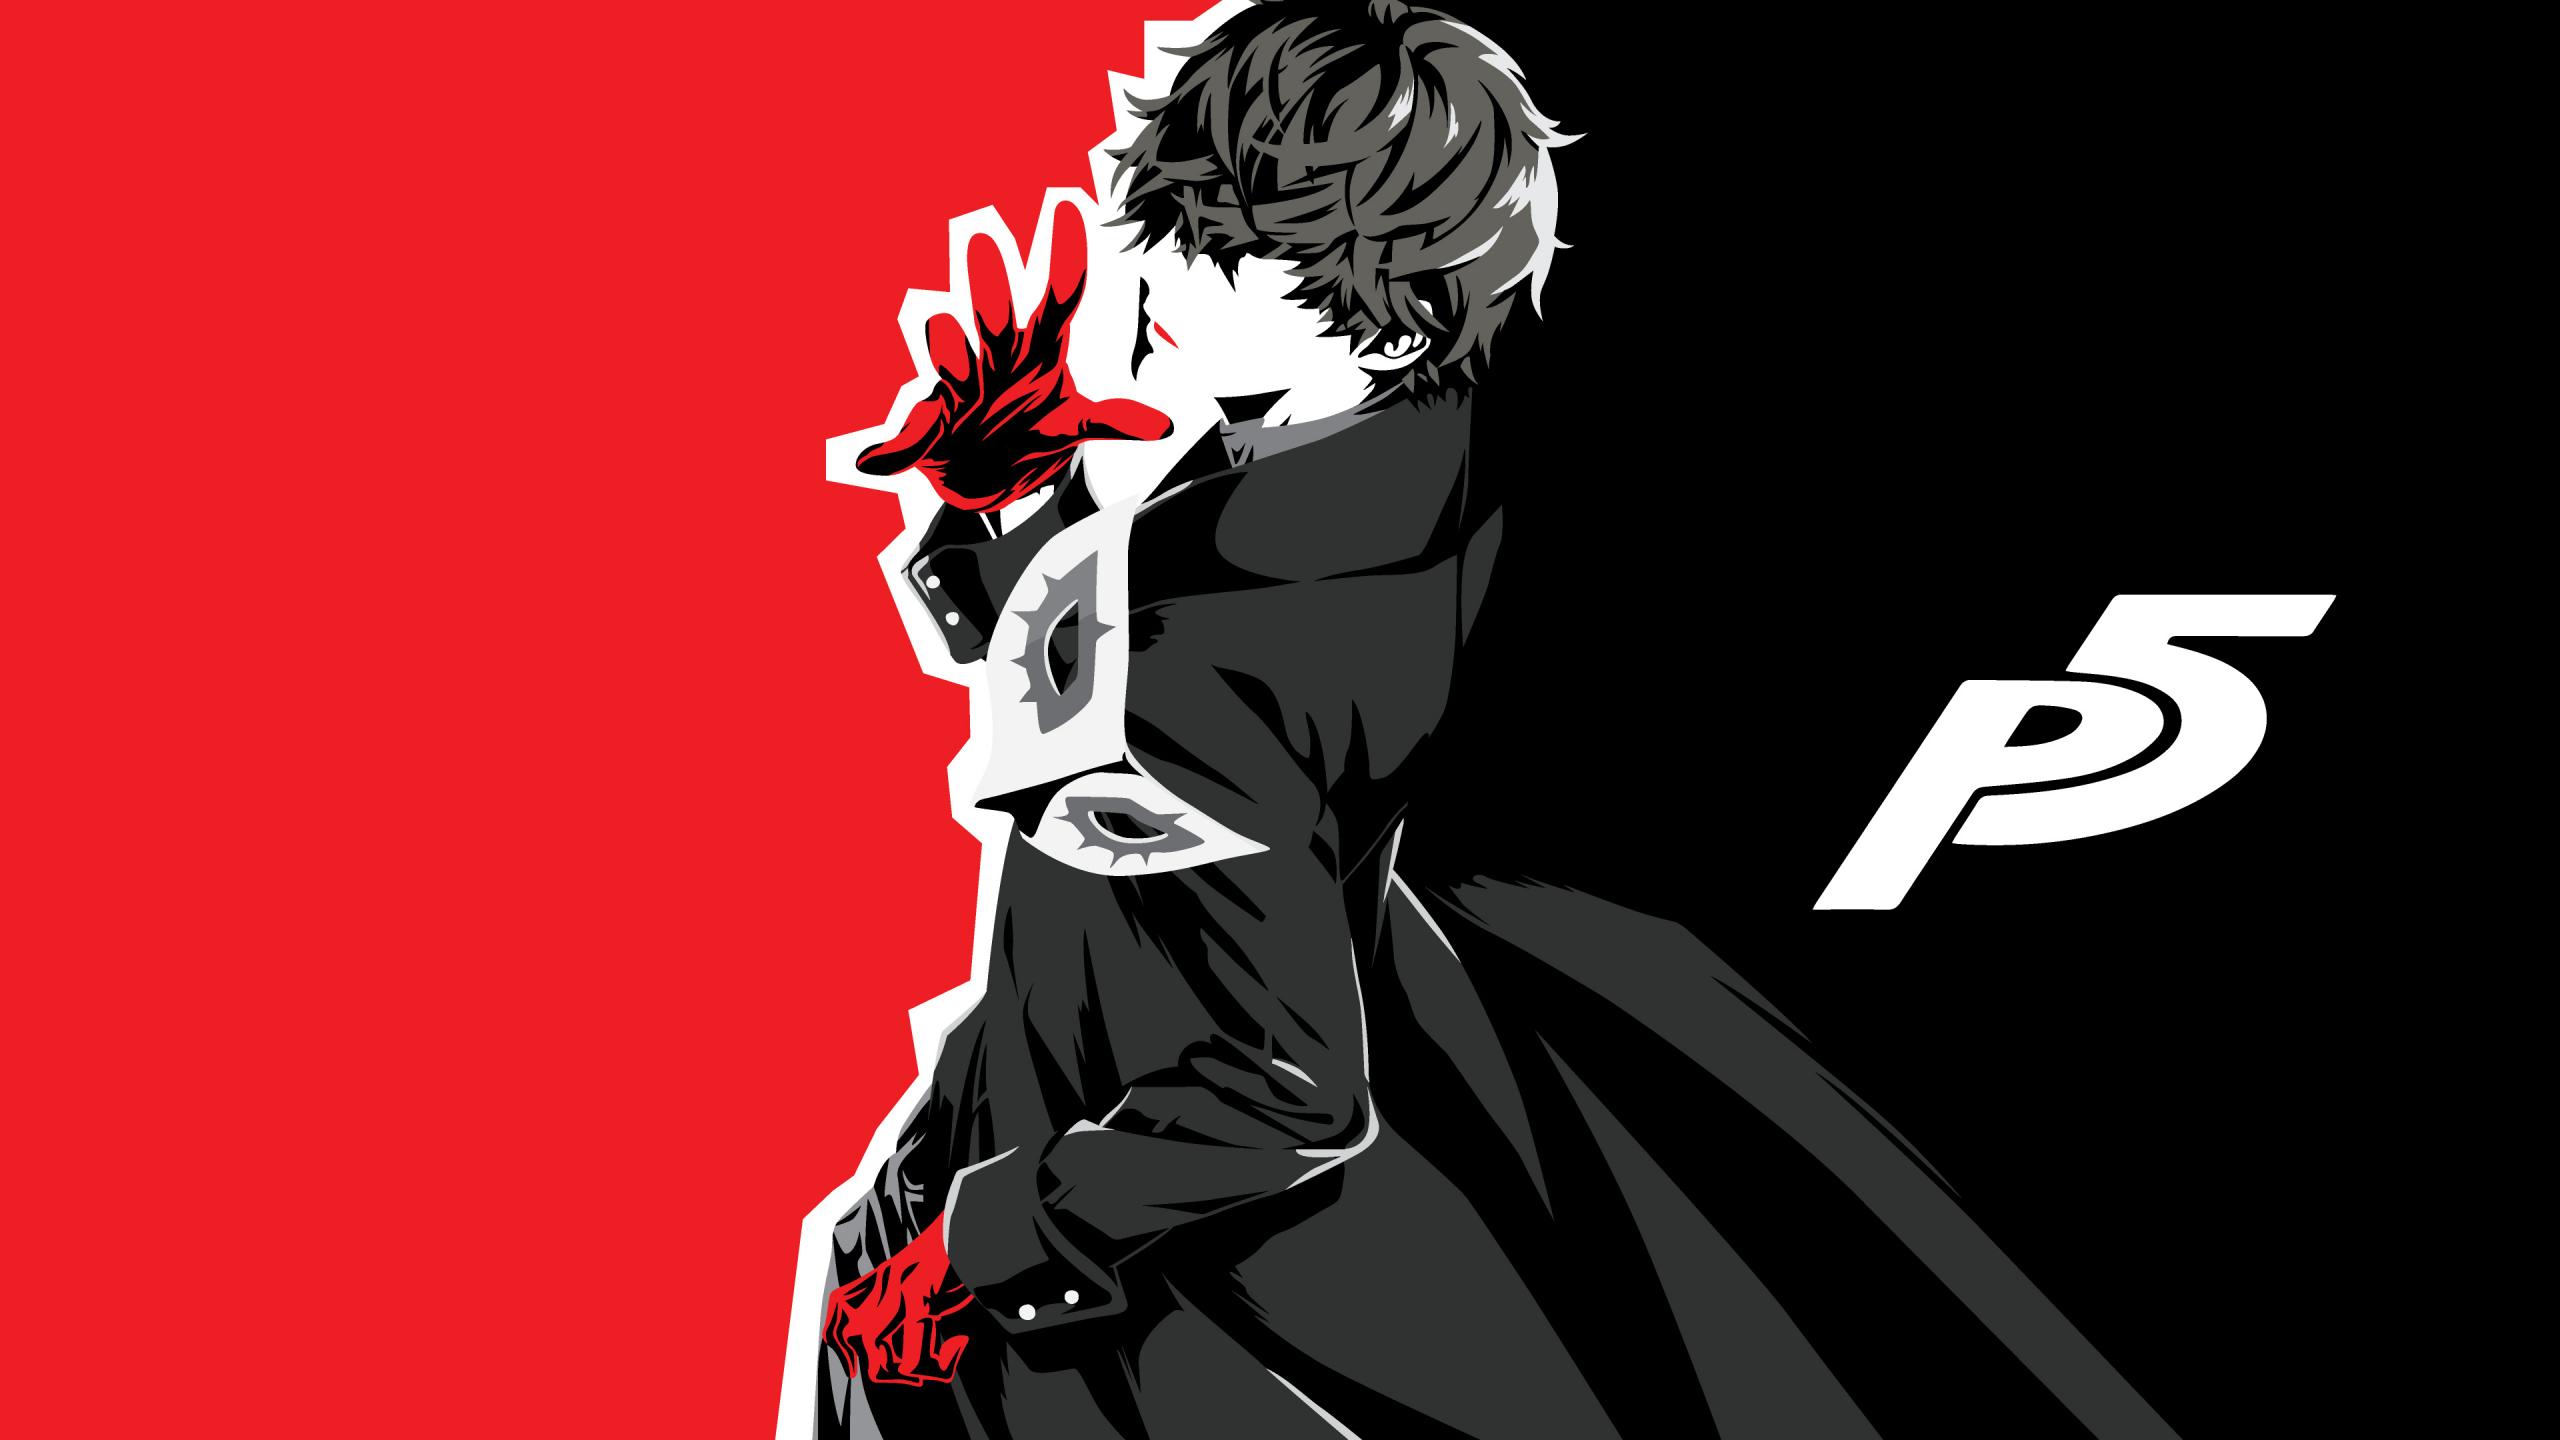 Download 2560x1440 Wallpaper Akira Kurusu Protagonist